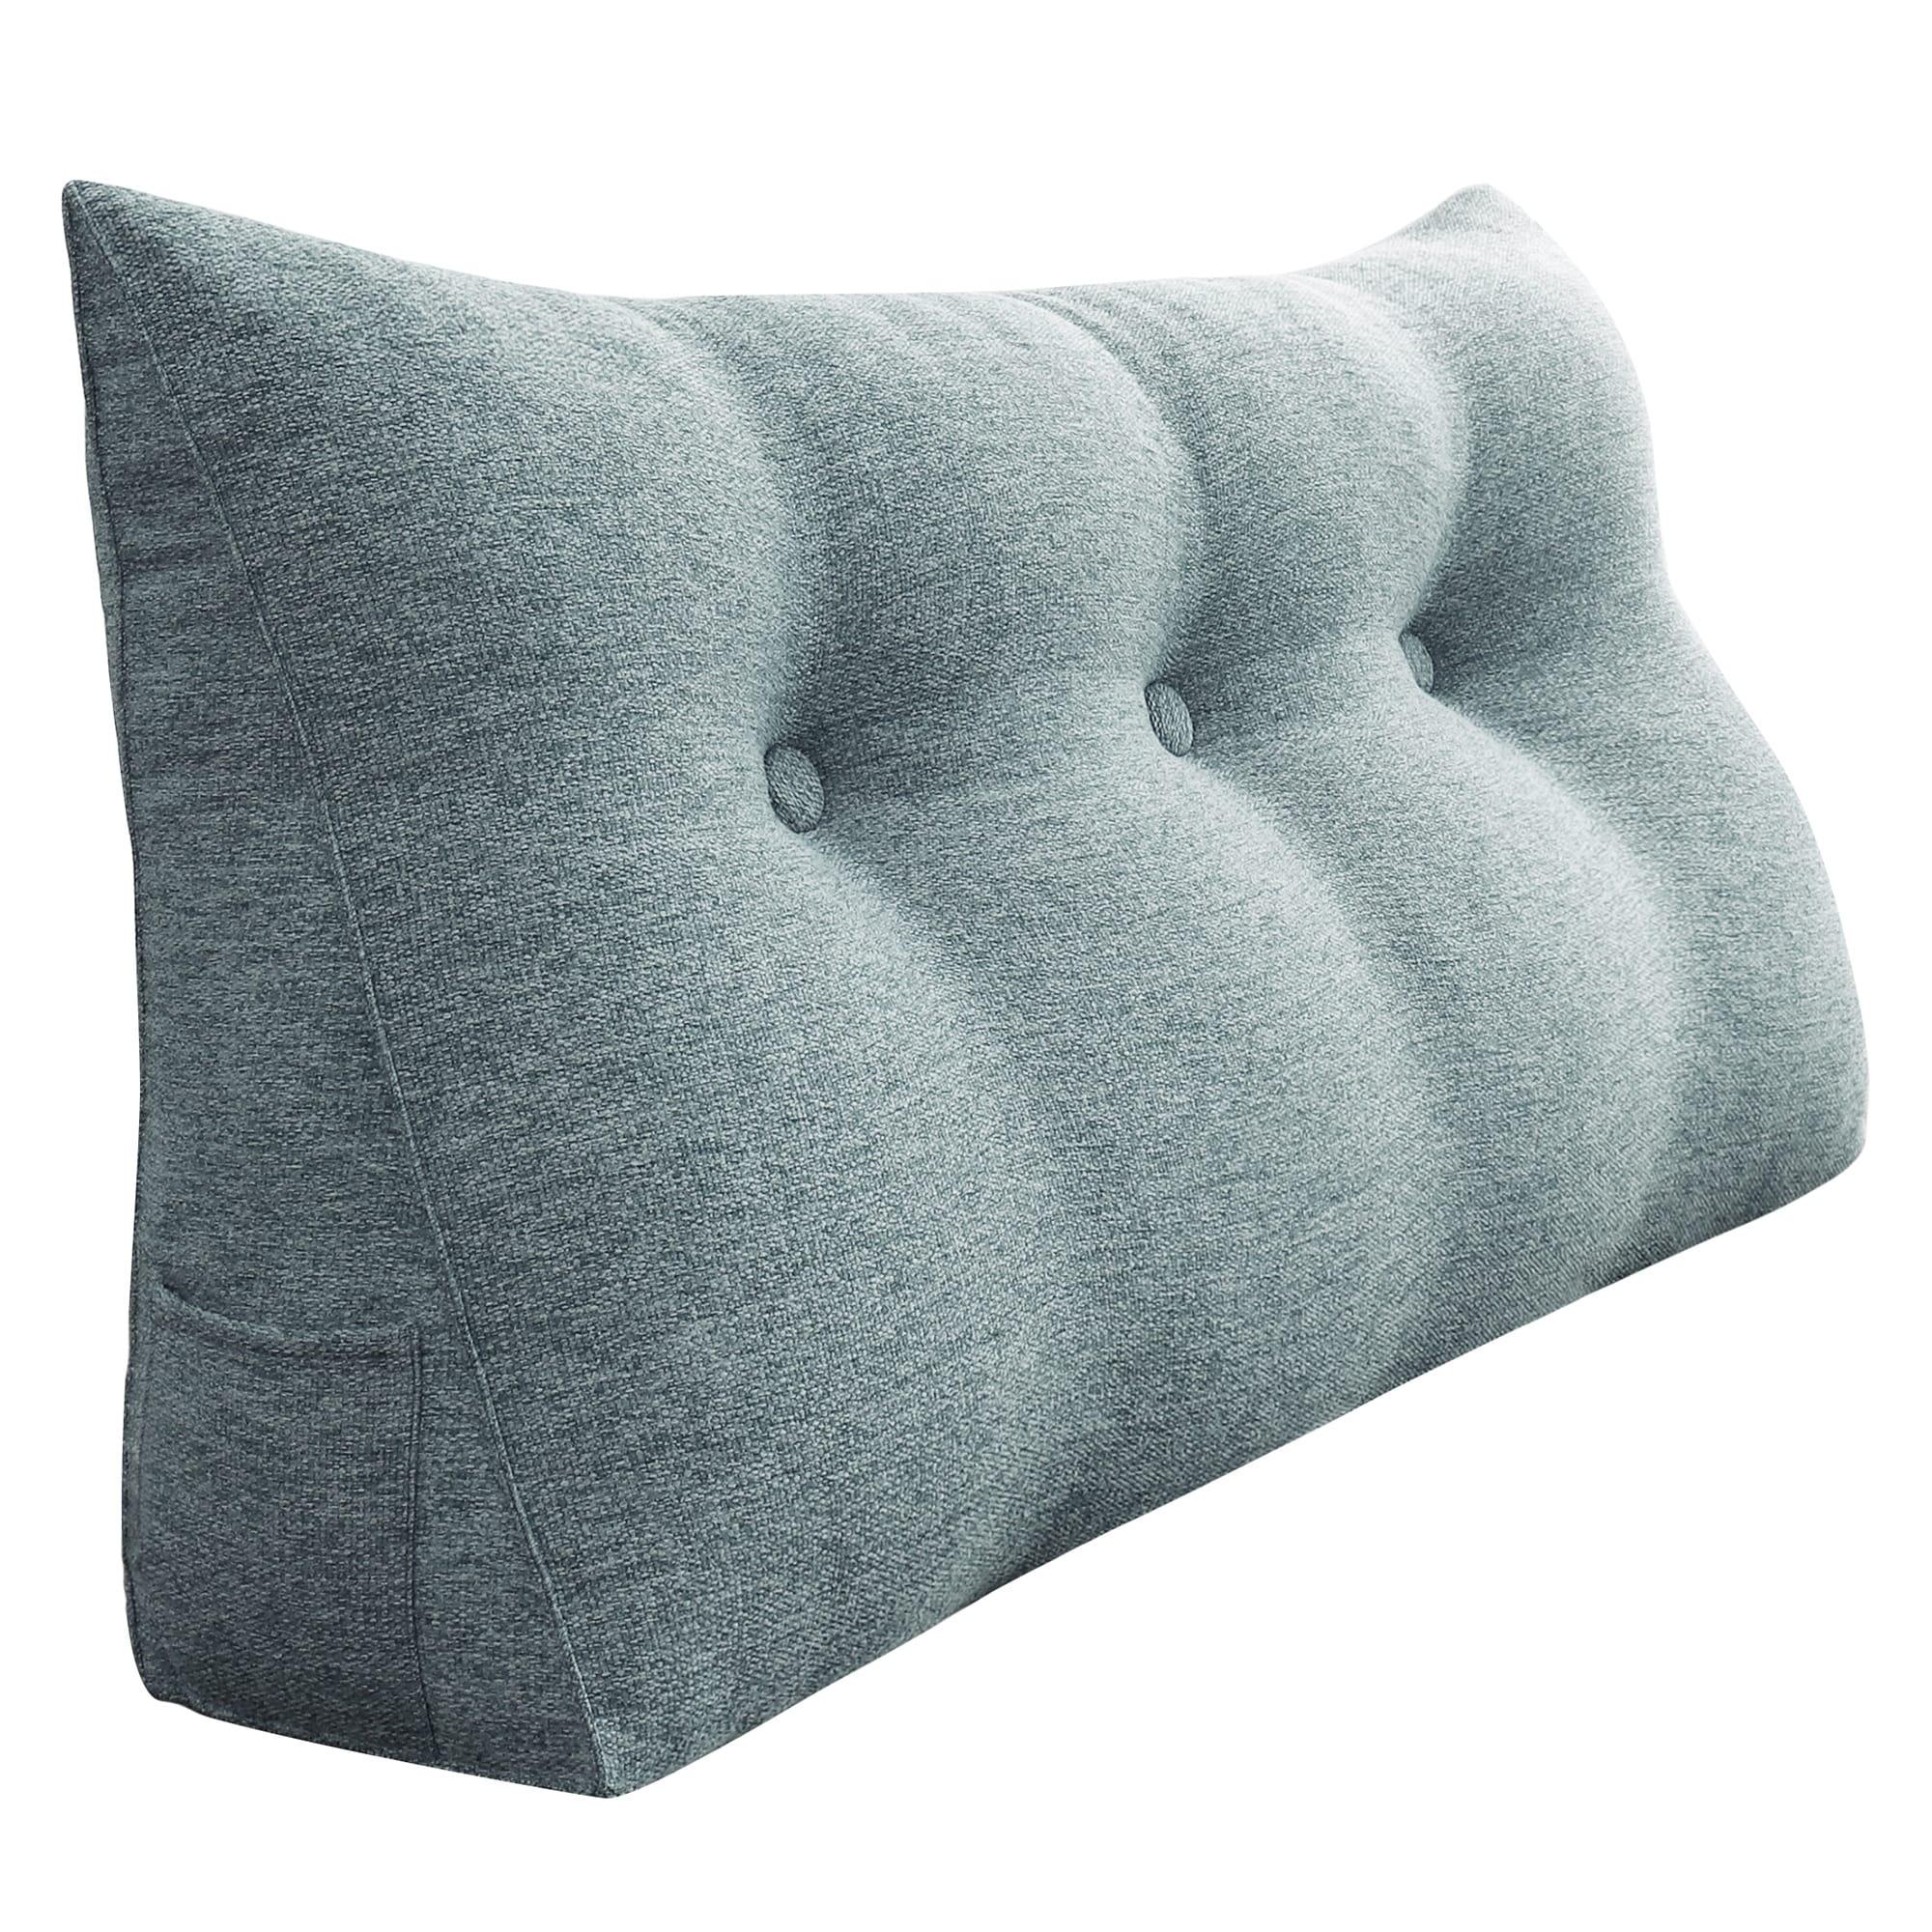 Wowmax Bed Rest Wedge Bolster Pillow Decorative Gray Lumbar Pillow Overstock 30994682